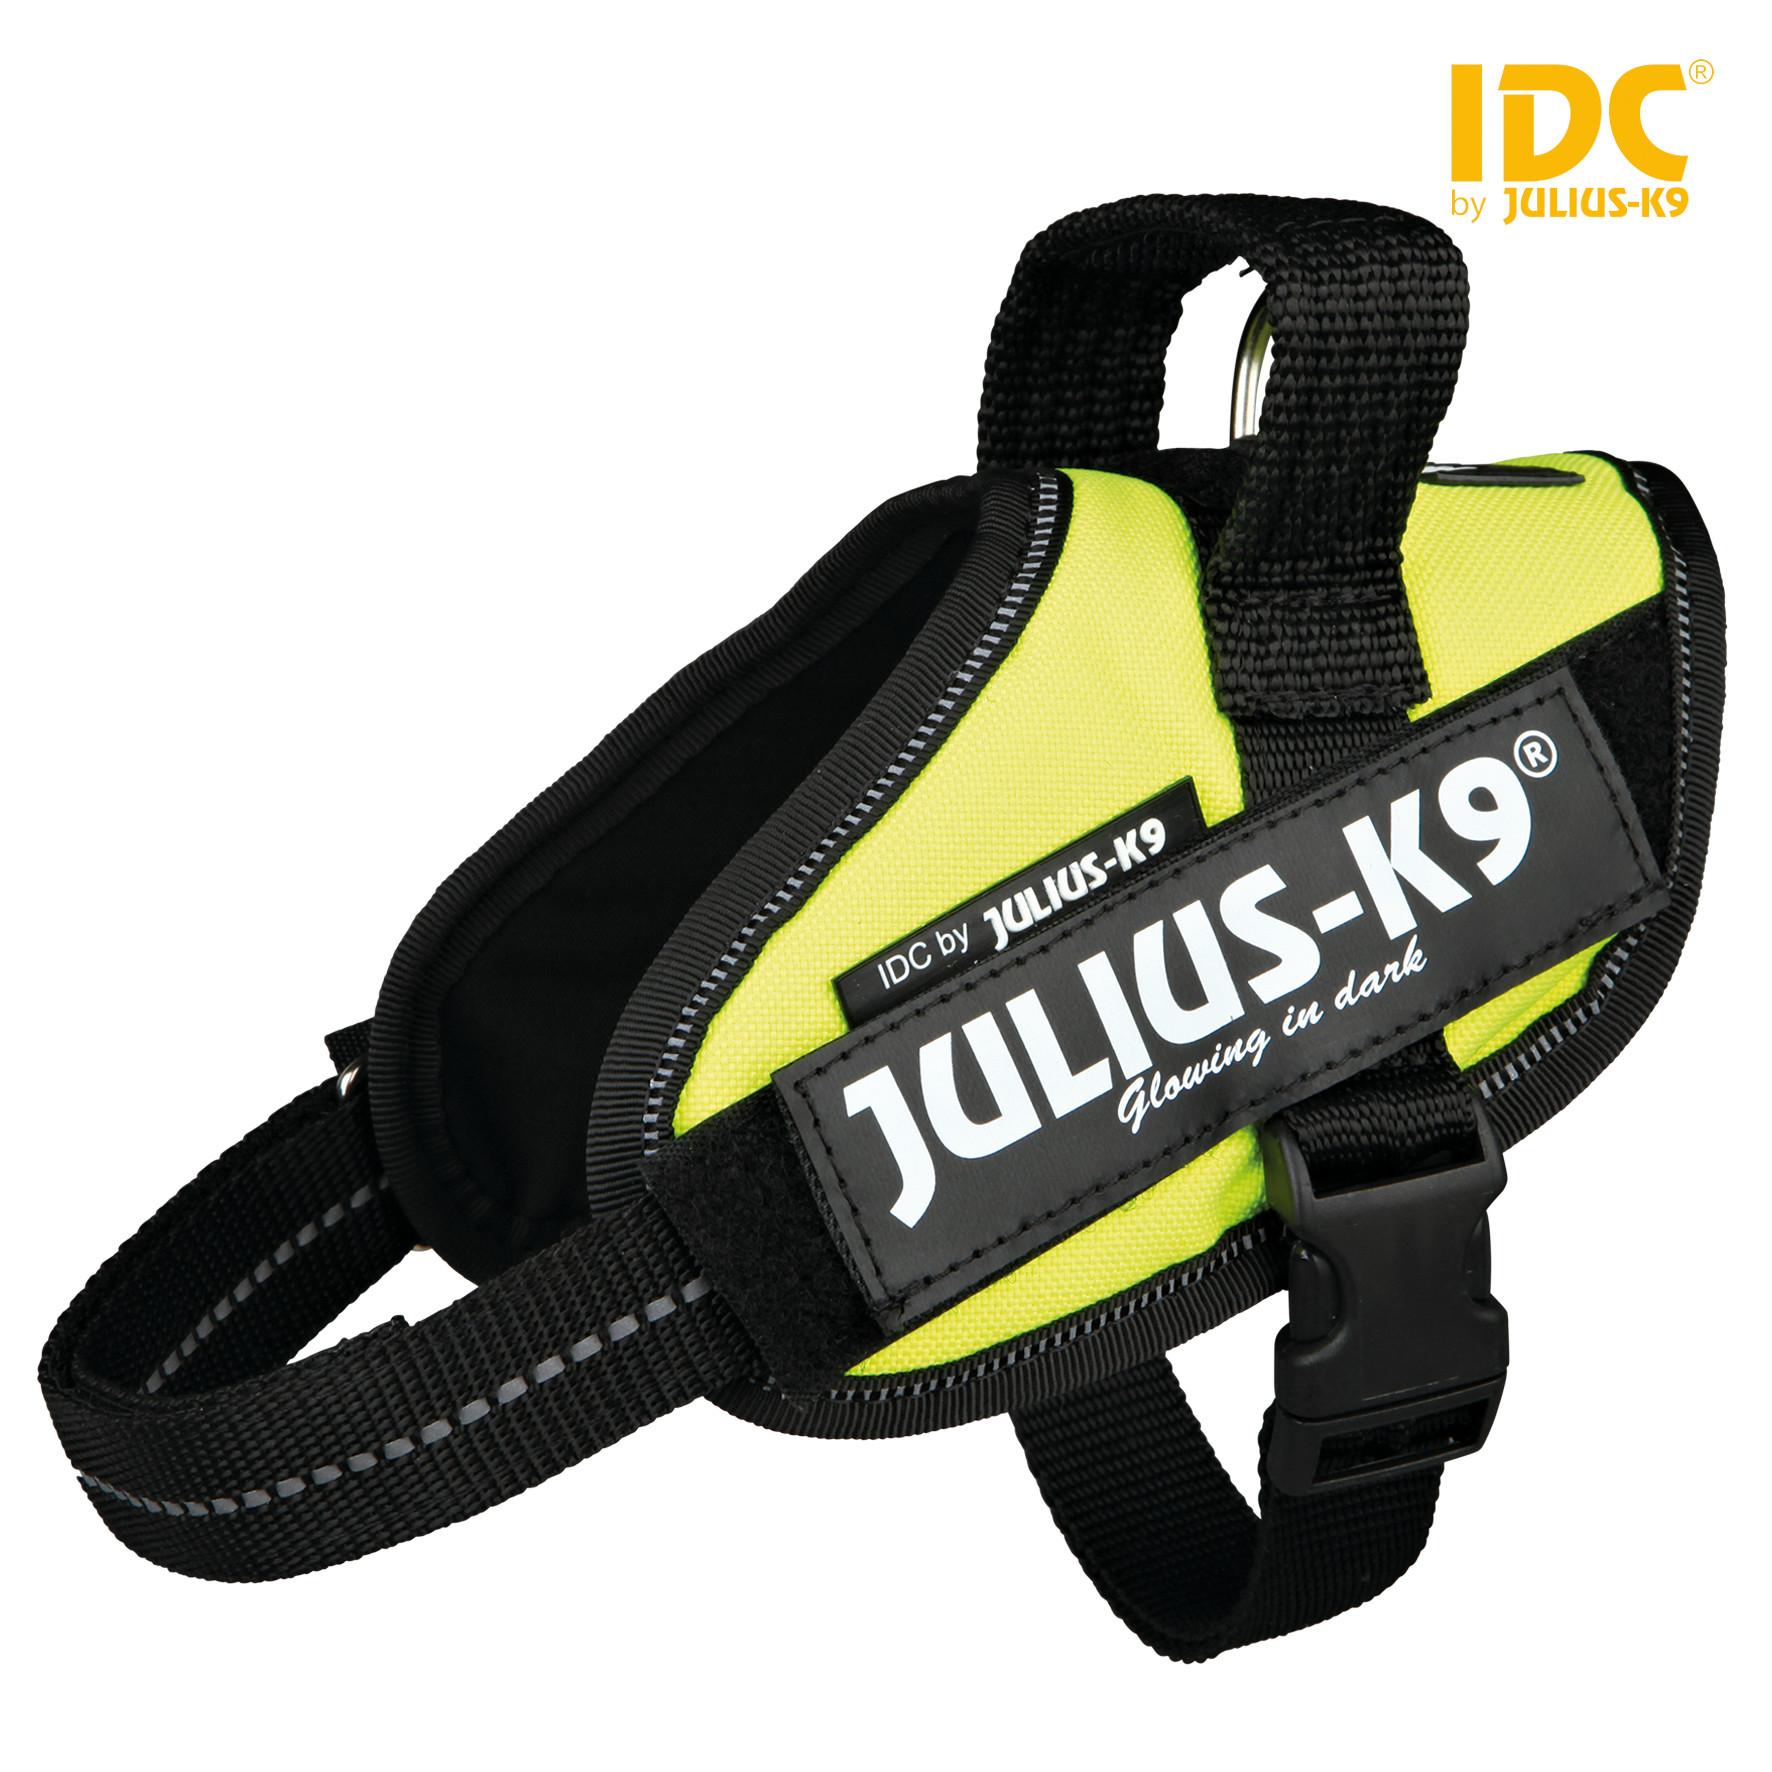 TRIXIE Julius-K9 IDC Powergeschirr Baby 2/Mini-Mini/Mini TRIXIE Julius-K9® IDC® Powergeschirr®, XS/Mini-Mini: 40–53 cm/22 mm, neongrün